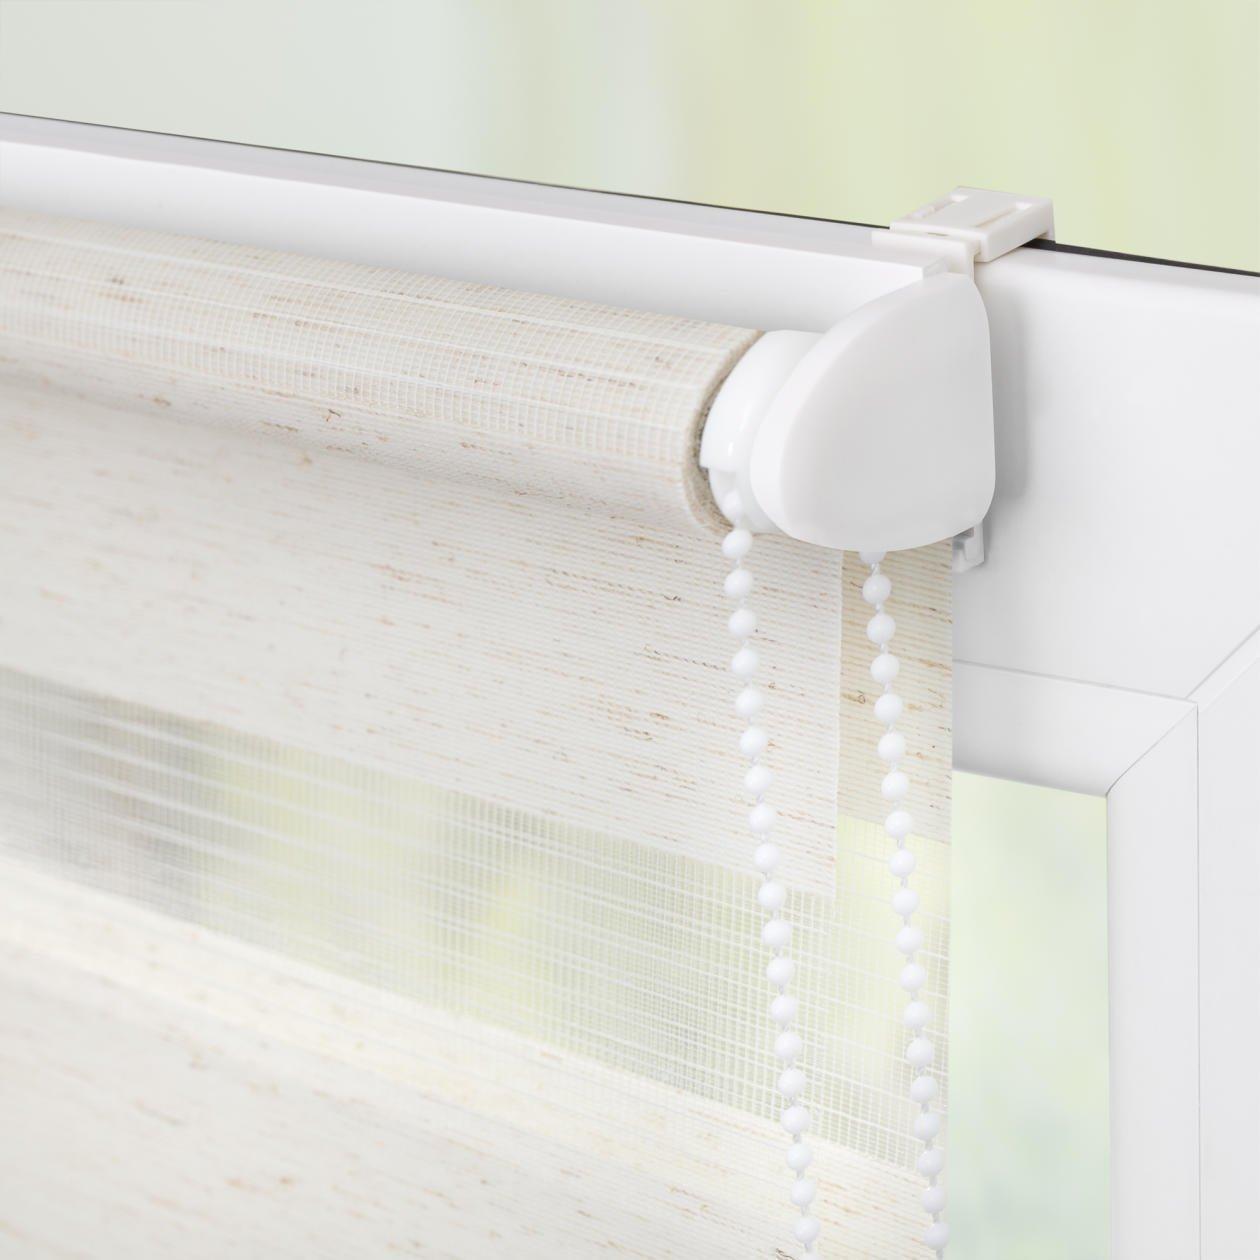 Doppelrollo f/ür Fenster /& T/üren moderner Sichtschutz KLEMMFIX Tag /& Nacht Duo Rollo Easyfix Variorollo Mini ohne Bohren Seitenzugrollo /& Jalousie Natur HxB 160x45 cm